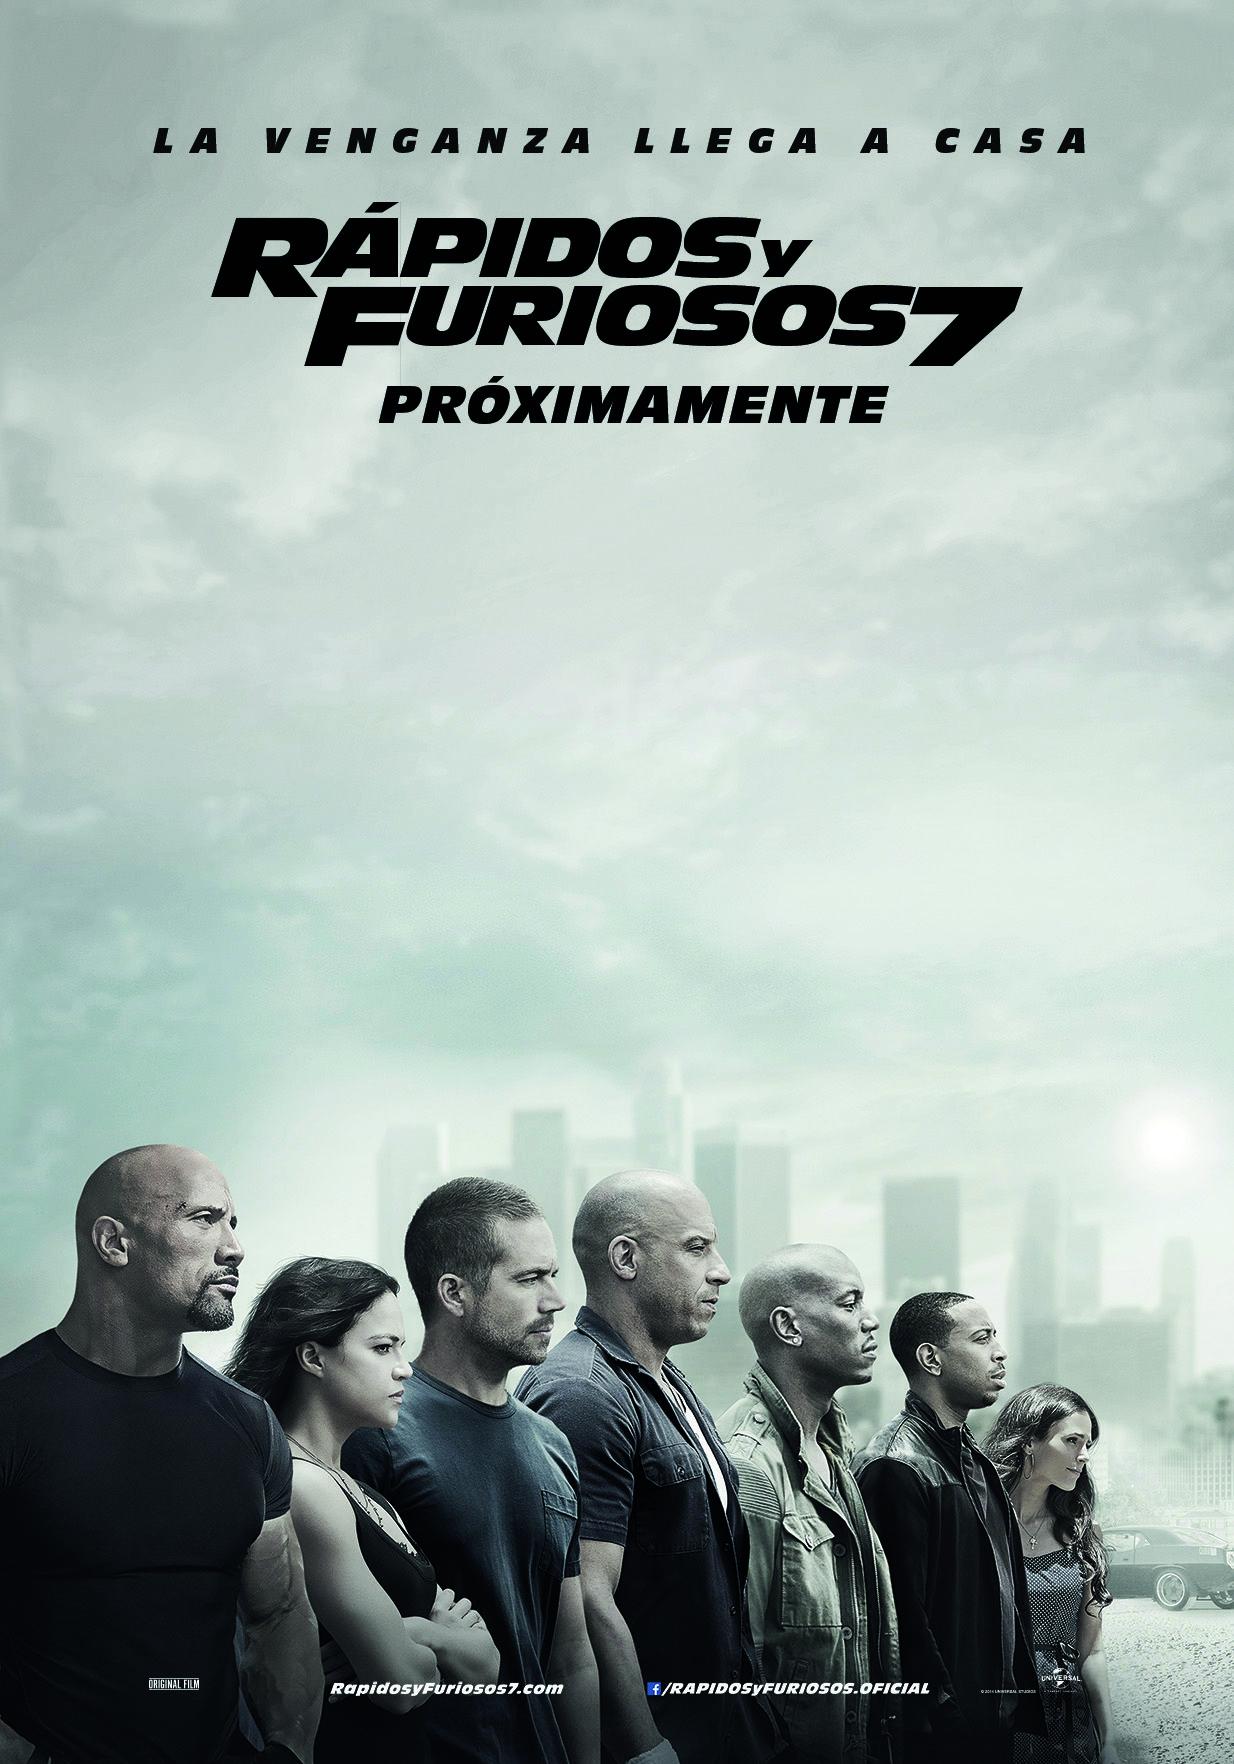 Rapidos Y Furiosos 7 Furious 7 Movie Furious Movie Fast And Furious